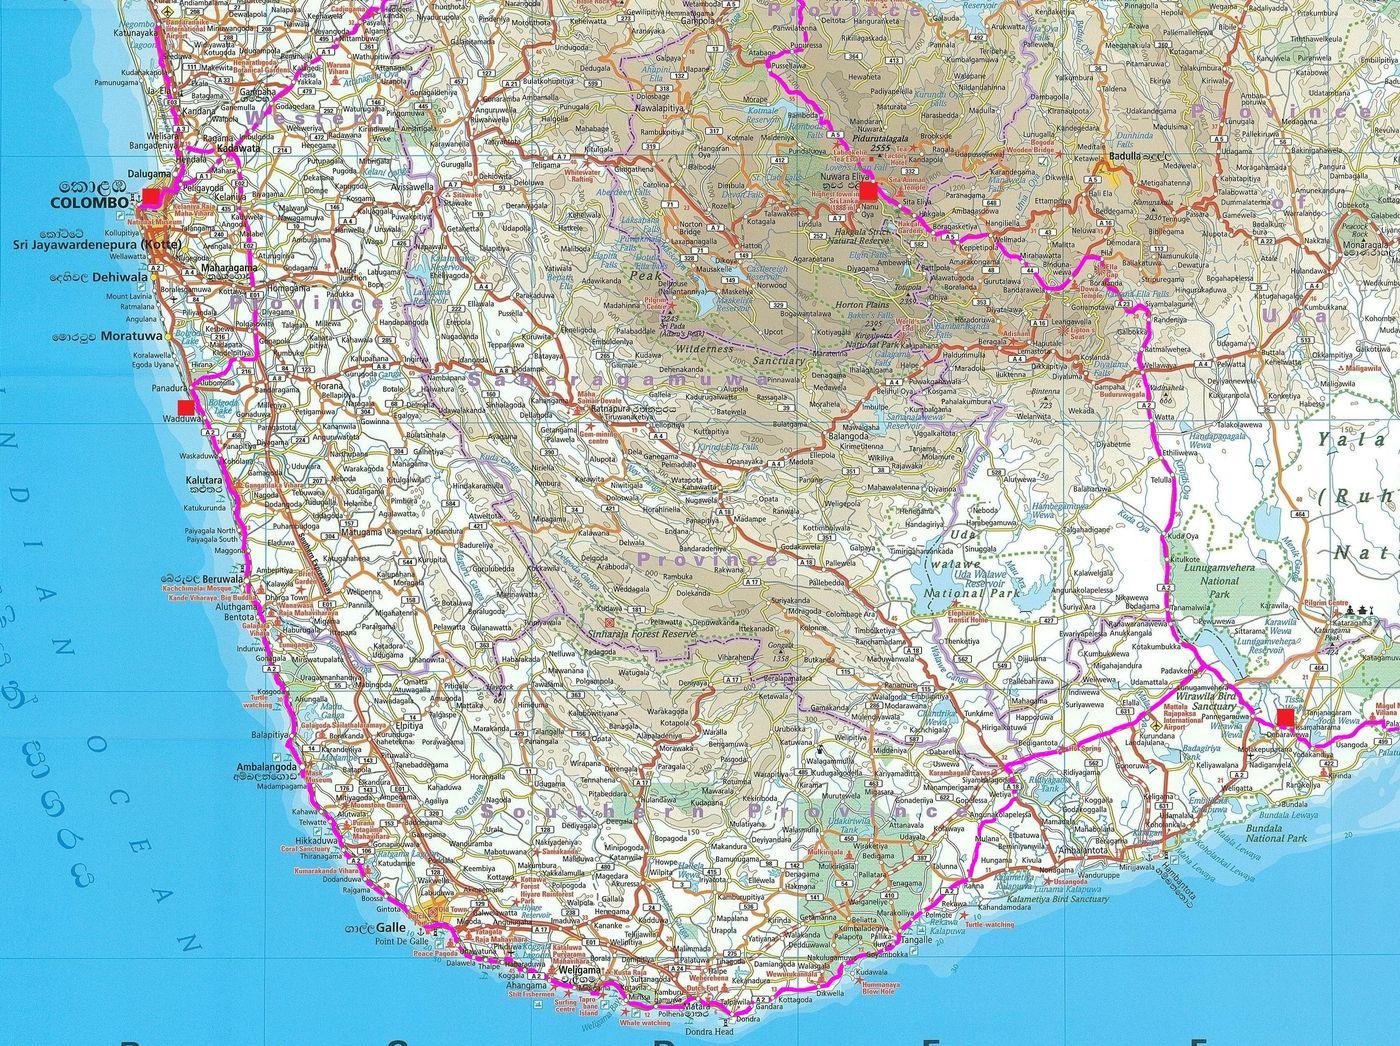 30-31-01-20-map